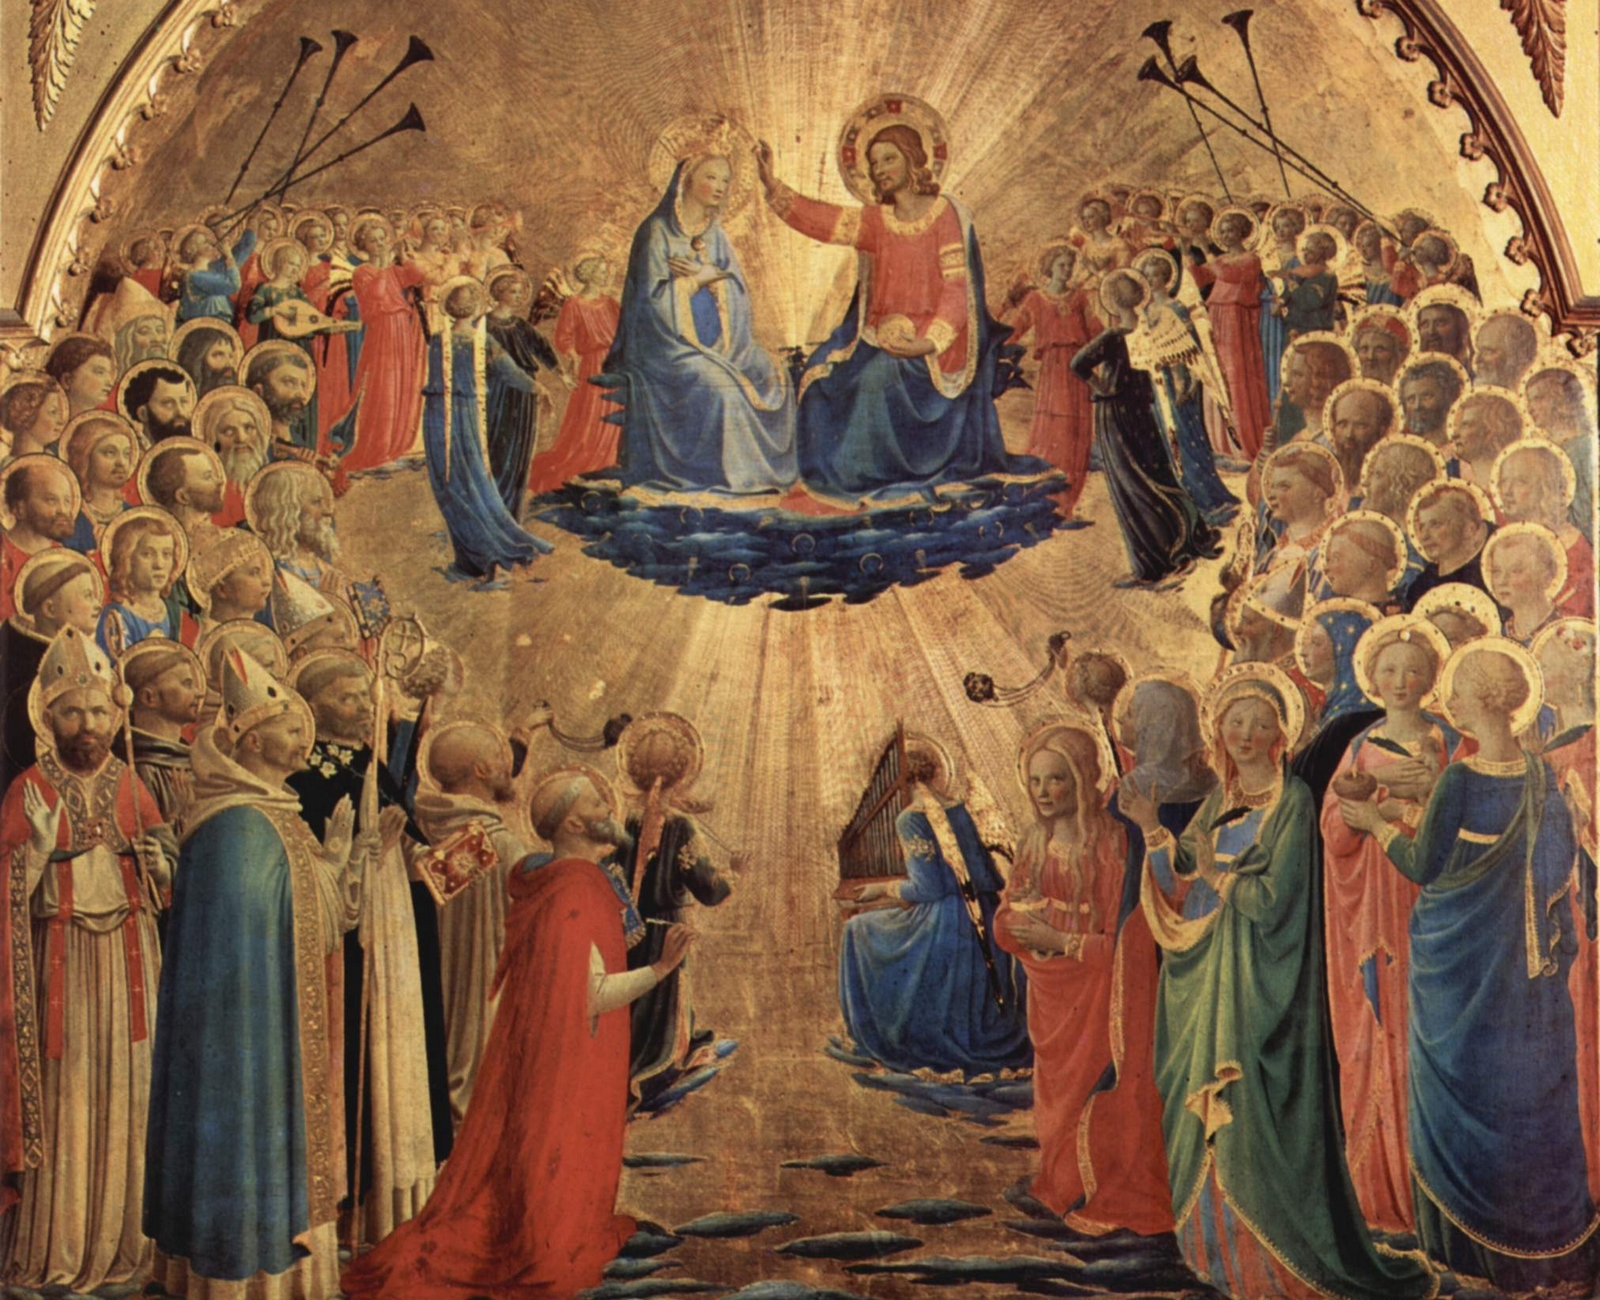 Una Apasionante Travesía por la Vida de la Santísima Virgen [al lado de Jesús]